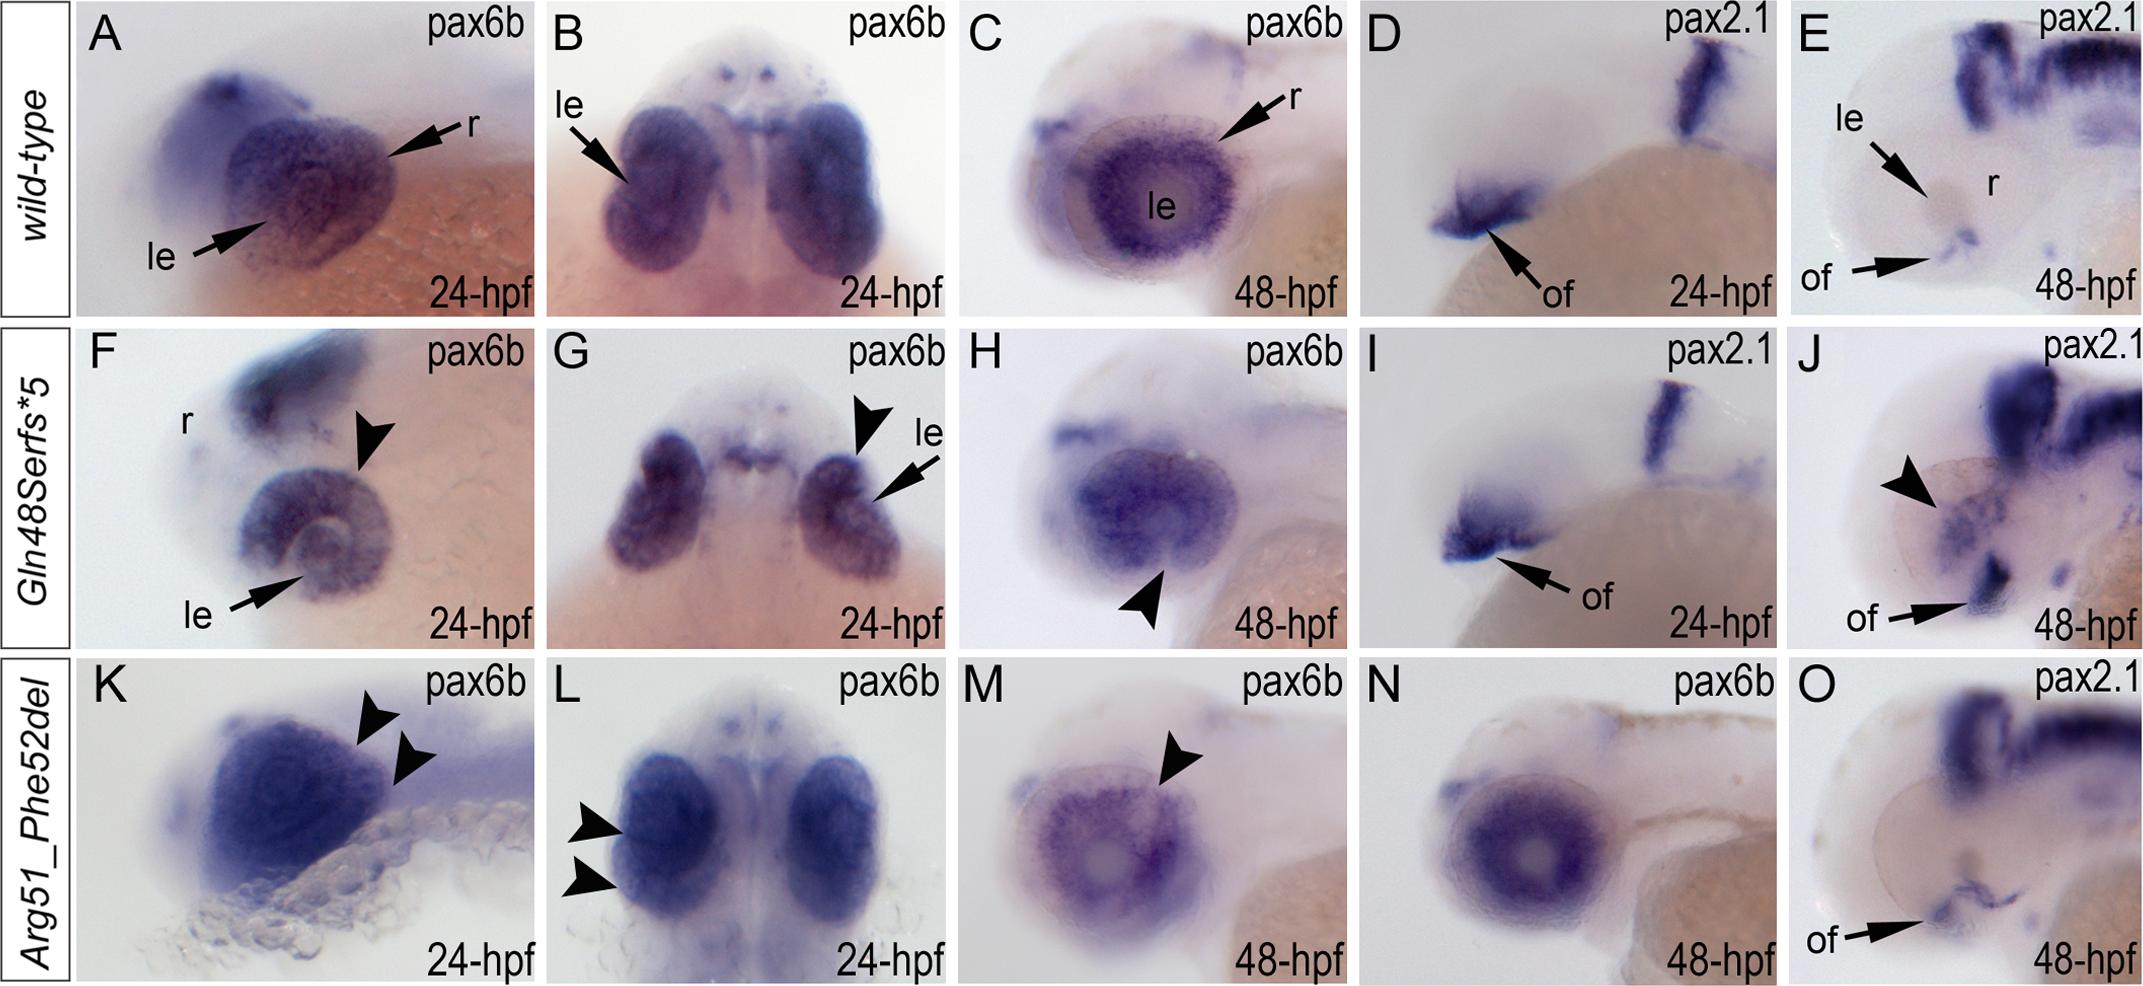 Analysis of <i>pax6b</i>, <i>pax2</i>.<i>1</i> and <i>foxe3</i> expression in wild-type, <i>mab21l2</i><sup><i>Q48Sfs*5</i></sup> and <i>mab21l2</i><sup><i>R51_F52del</i></sup> embryos.